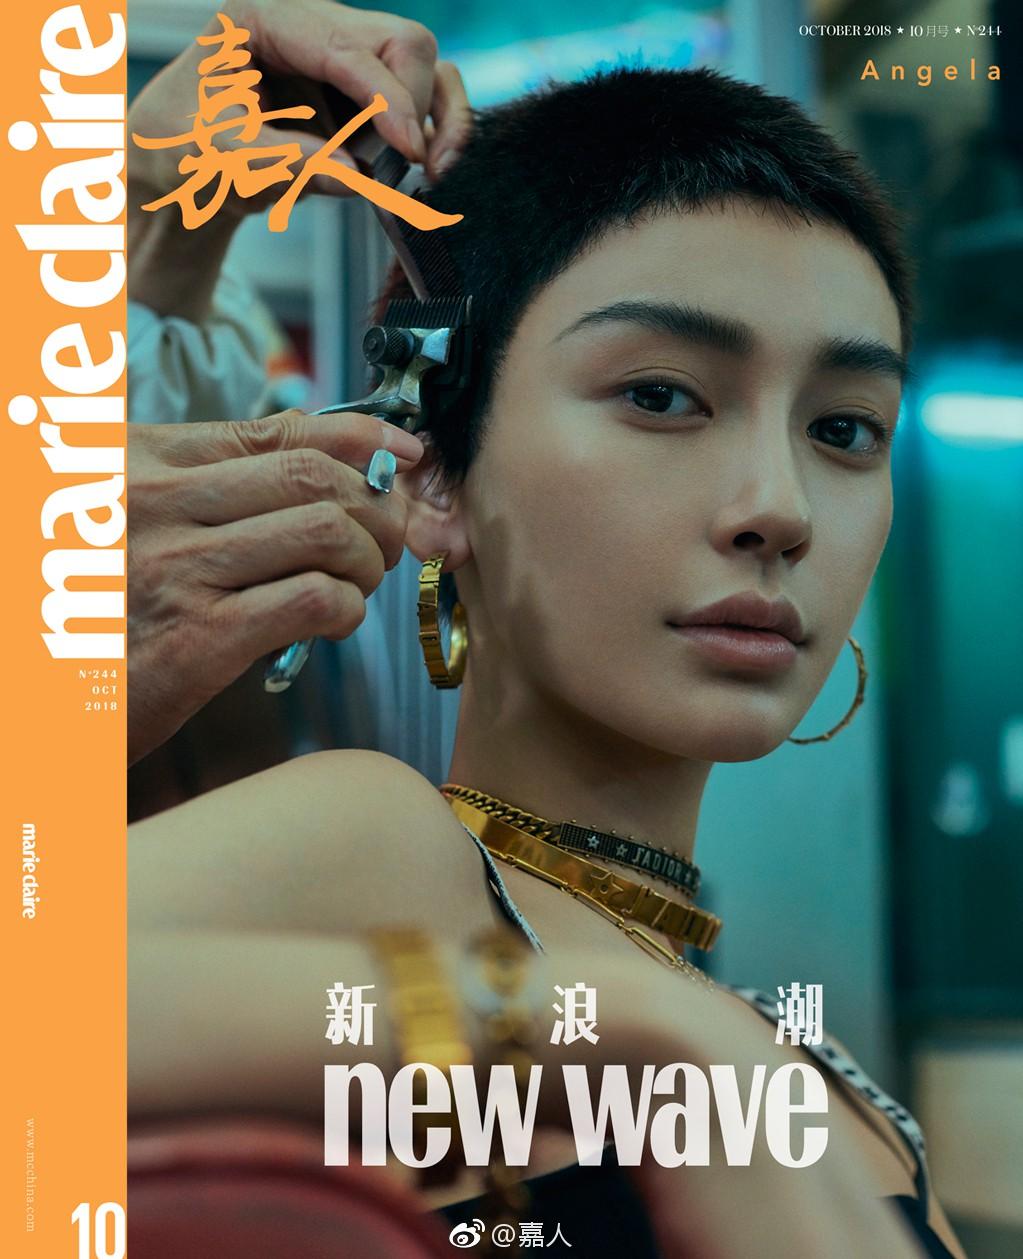 Lần đầu tiên để tóc ngắn đến thế, Angela Baby khiến fan bấn loạn: người khen xinh, người lại chê giống Huỳnh Hiểu Minh - Ảnh 5.